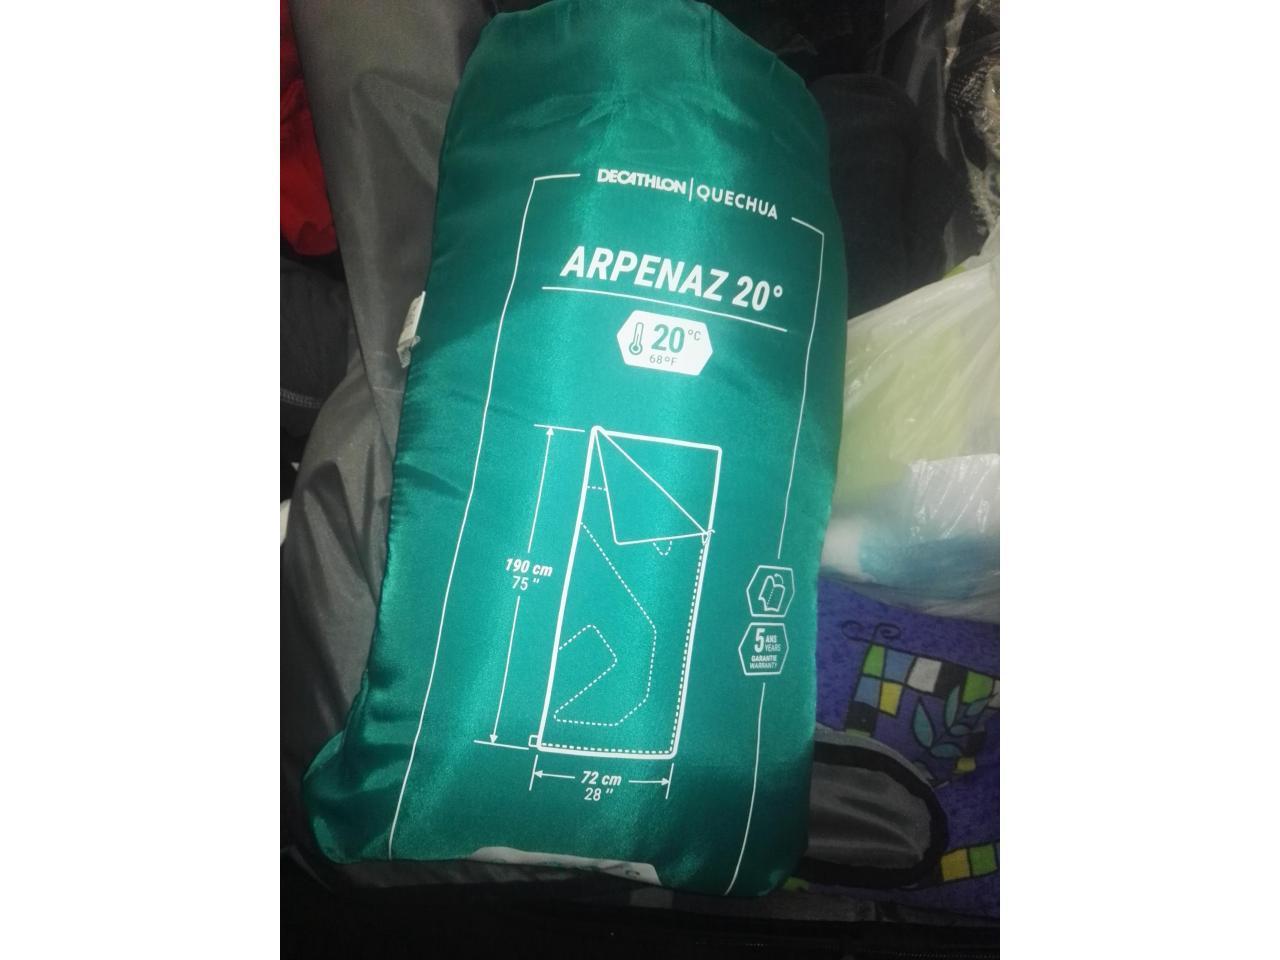 Дорожная сумка- ручная кладь,2 рабочие сапоги, спальный мешок, постельный комплект - 10